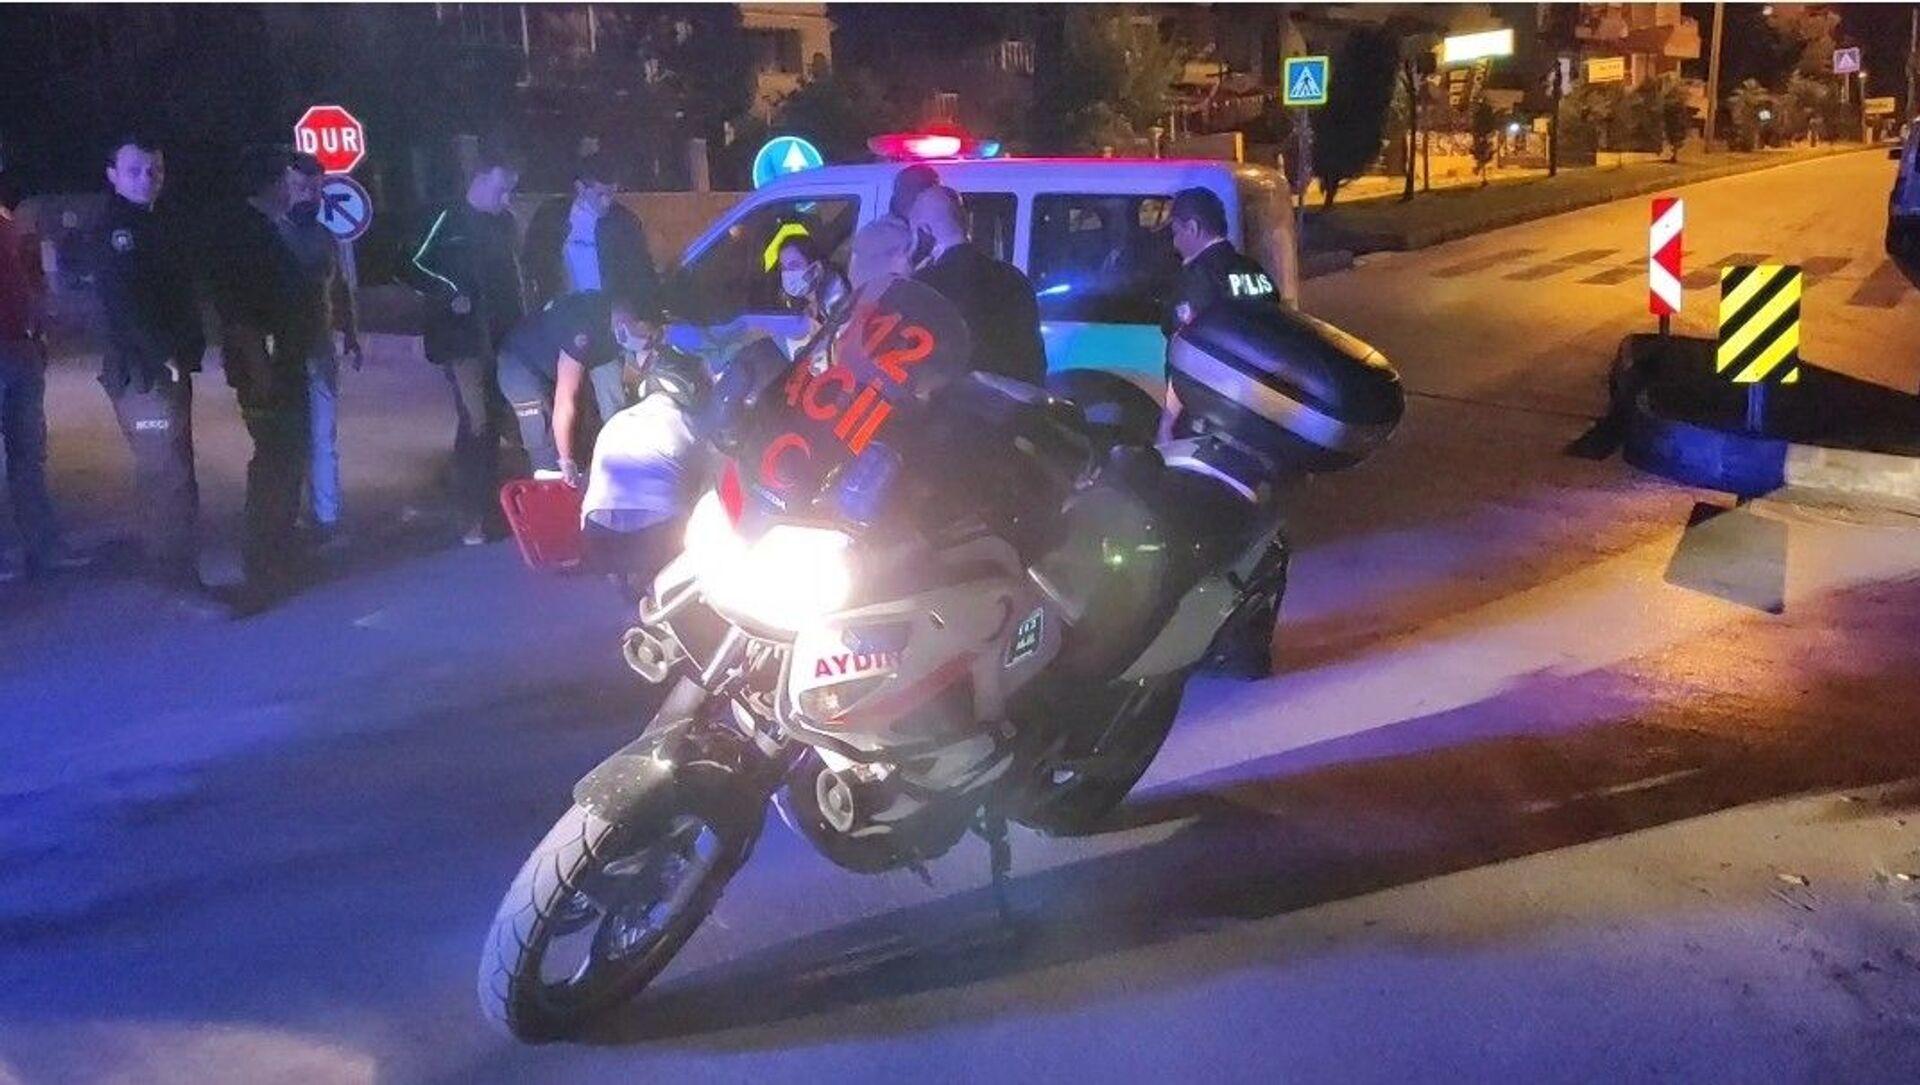 Aydın'ın Kuşadası ilçesinde polis otosuyla motorlu kurye kontrolsüz kavşakta çarpıştı. Kazada motosikletten düşerek yaralanan kurye ambulansla hastaneye kaldırıldı. - Sputnik Türkiye, 1920, 02.05.2021